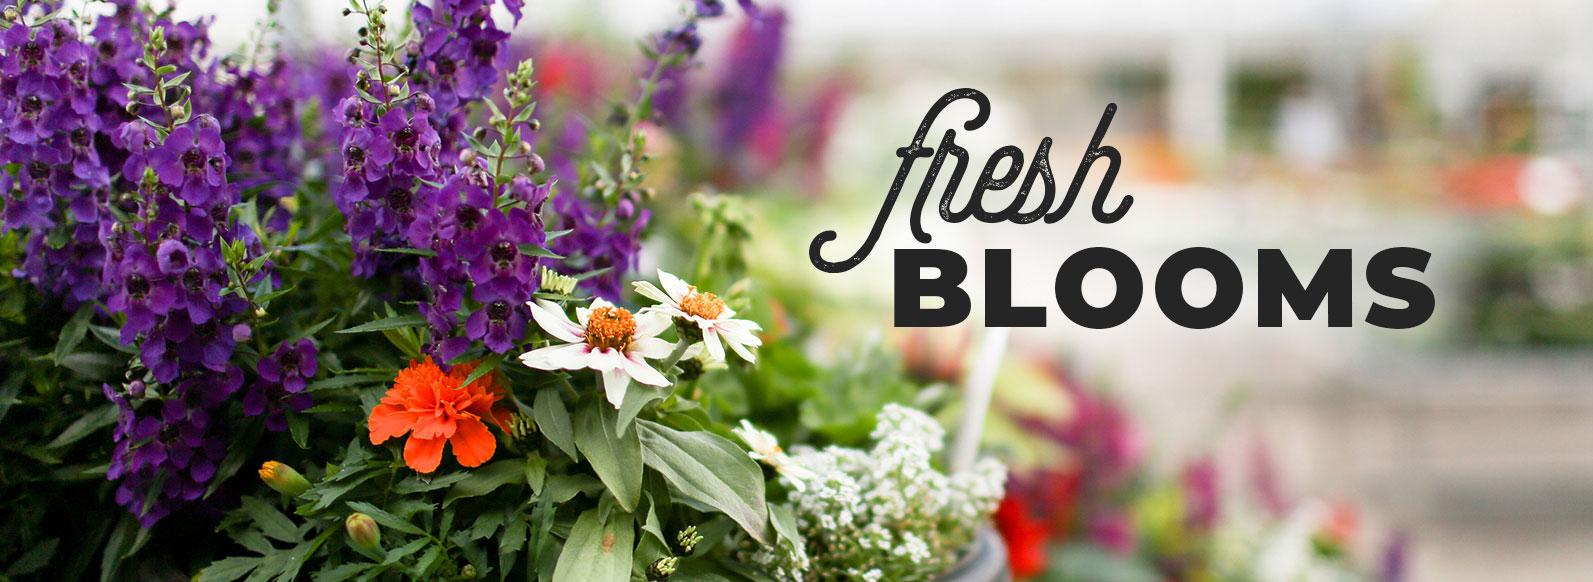 Fresh blooms.